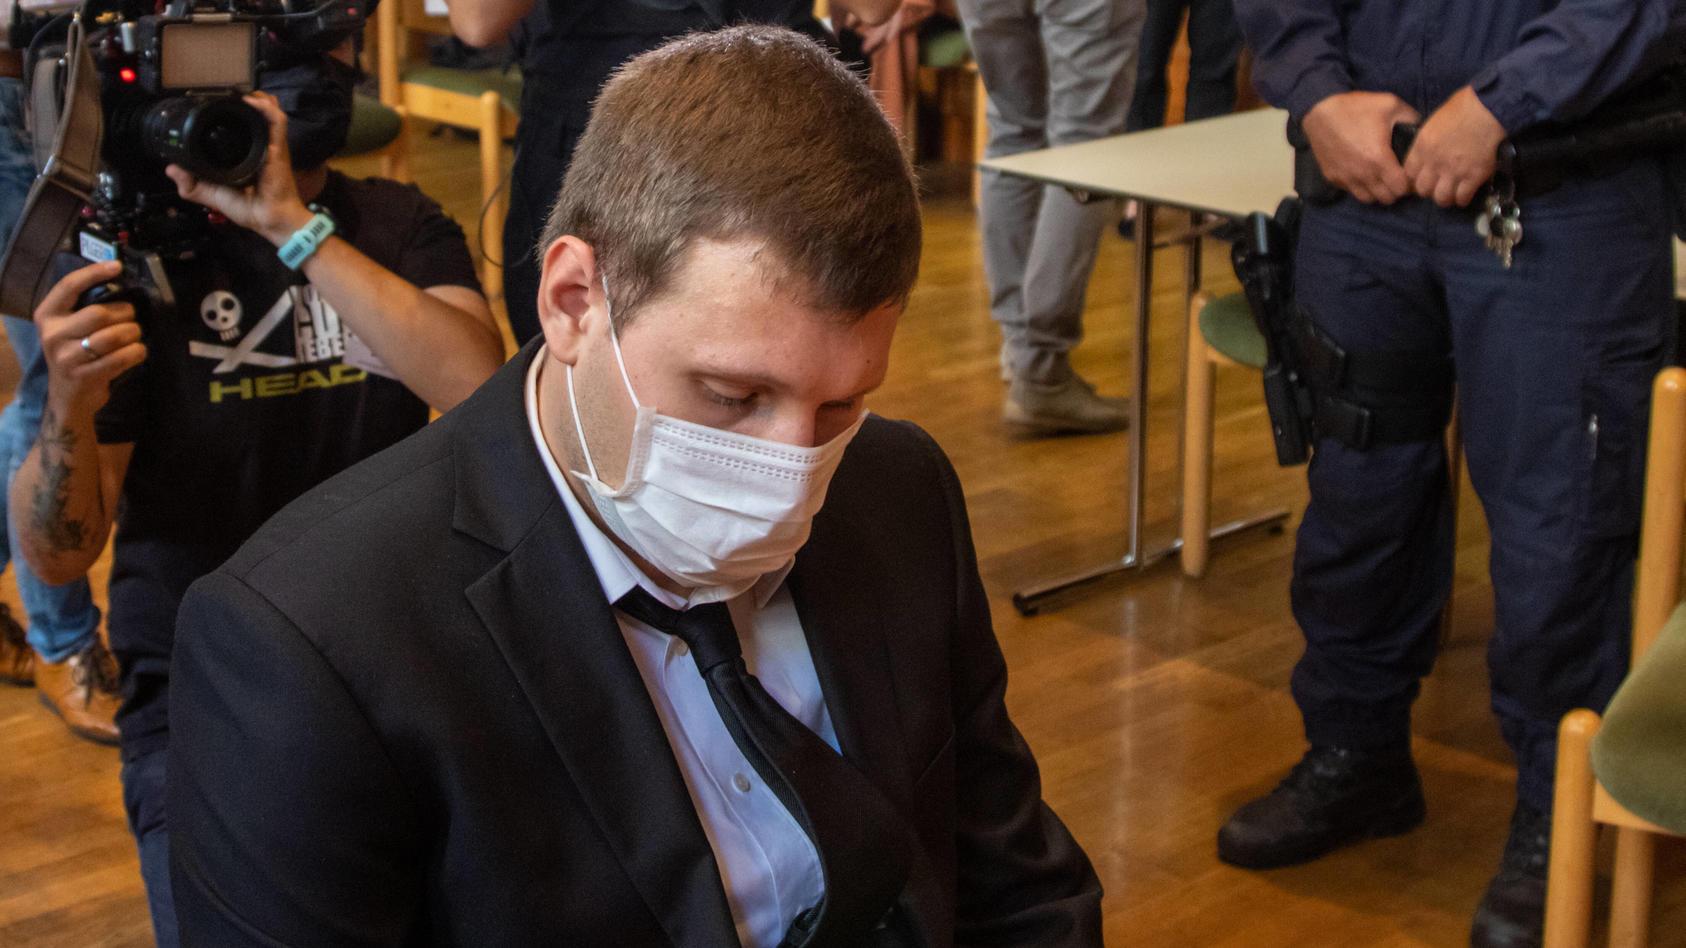 20200812 Verhandlung gegen den mutmaßlichen fünffach Mörder von Kitzbühel INNSBRUCK, ÖSTERREICH - AUGUST 12: Der mutmaß